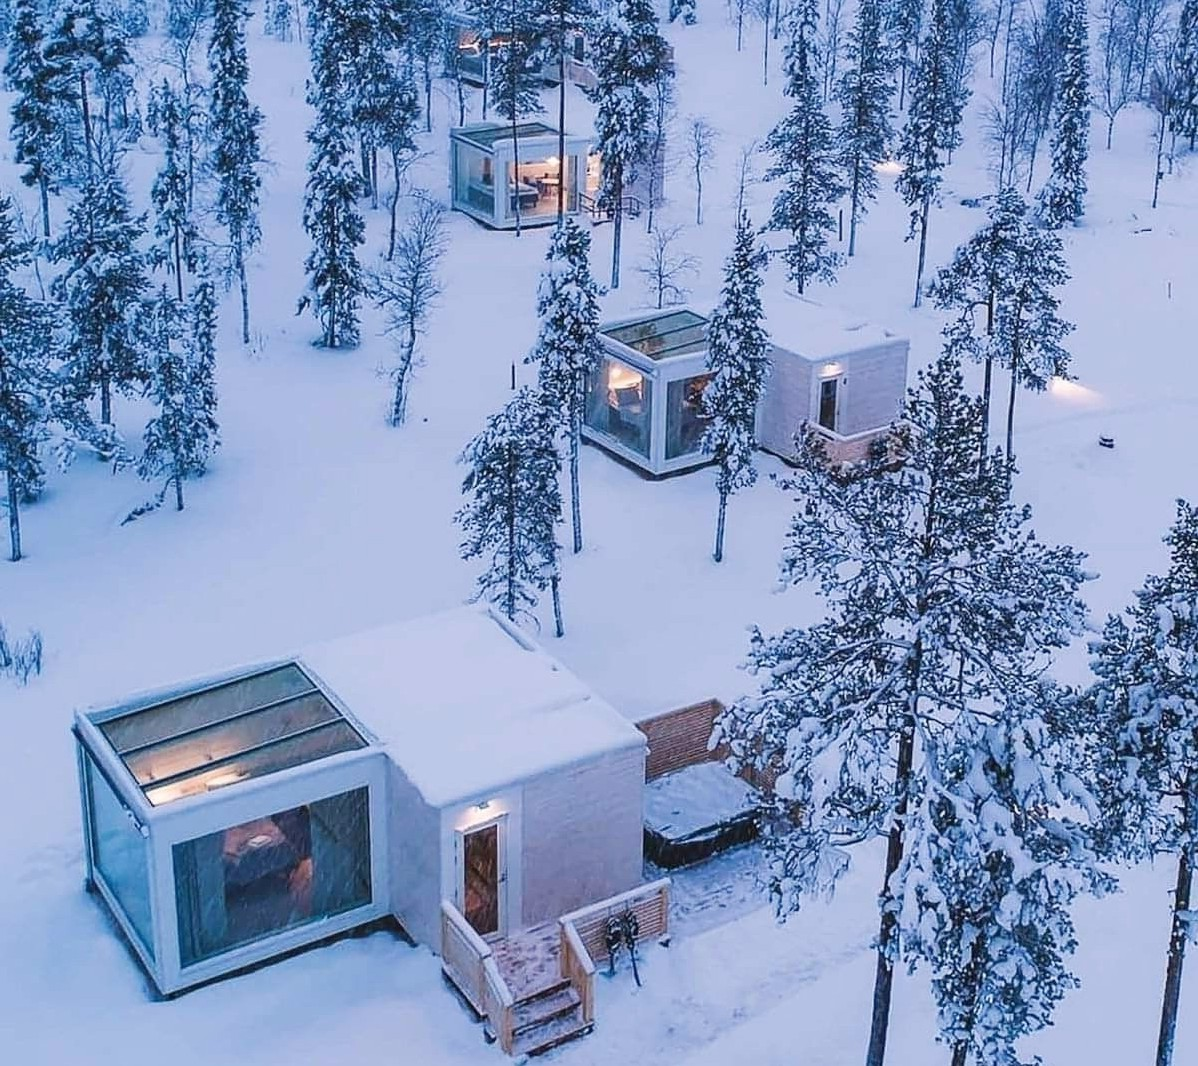 Así es primer resort de casas prefabricadas en un bosque